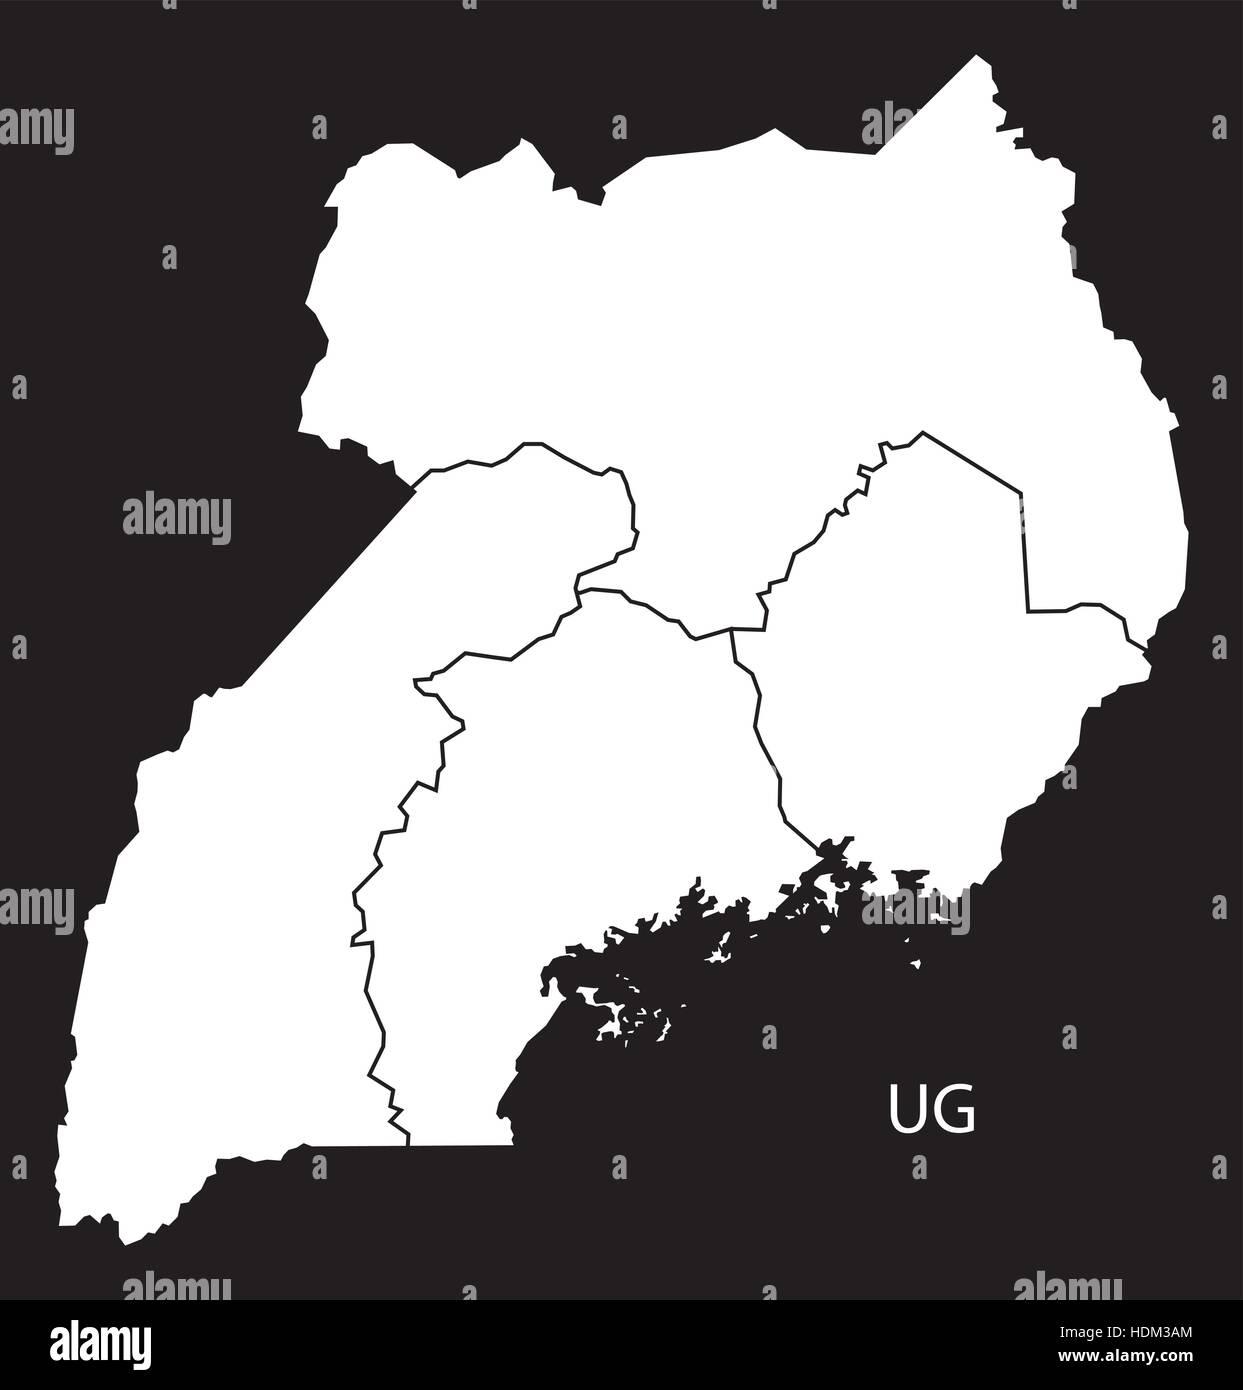 Uganda regions Map black and white illustration Stock Vector Art